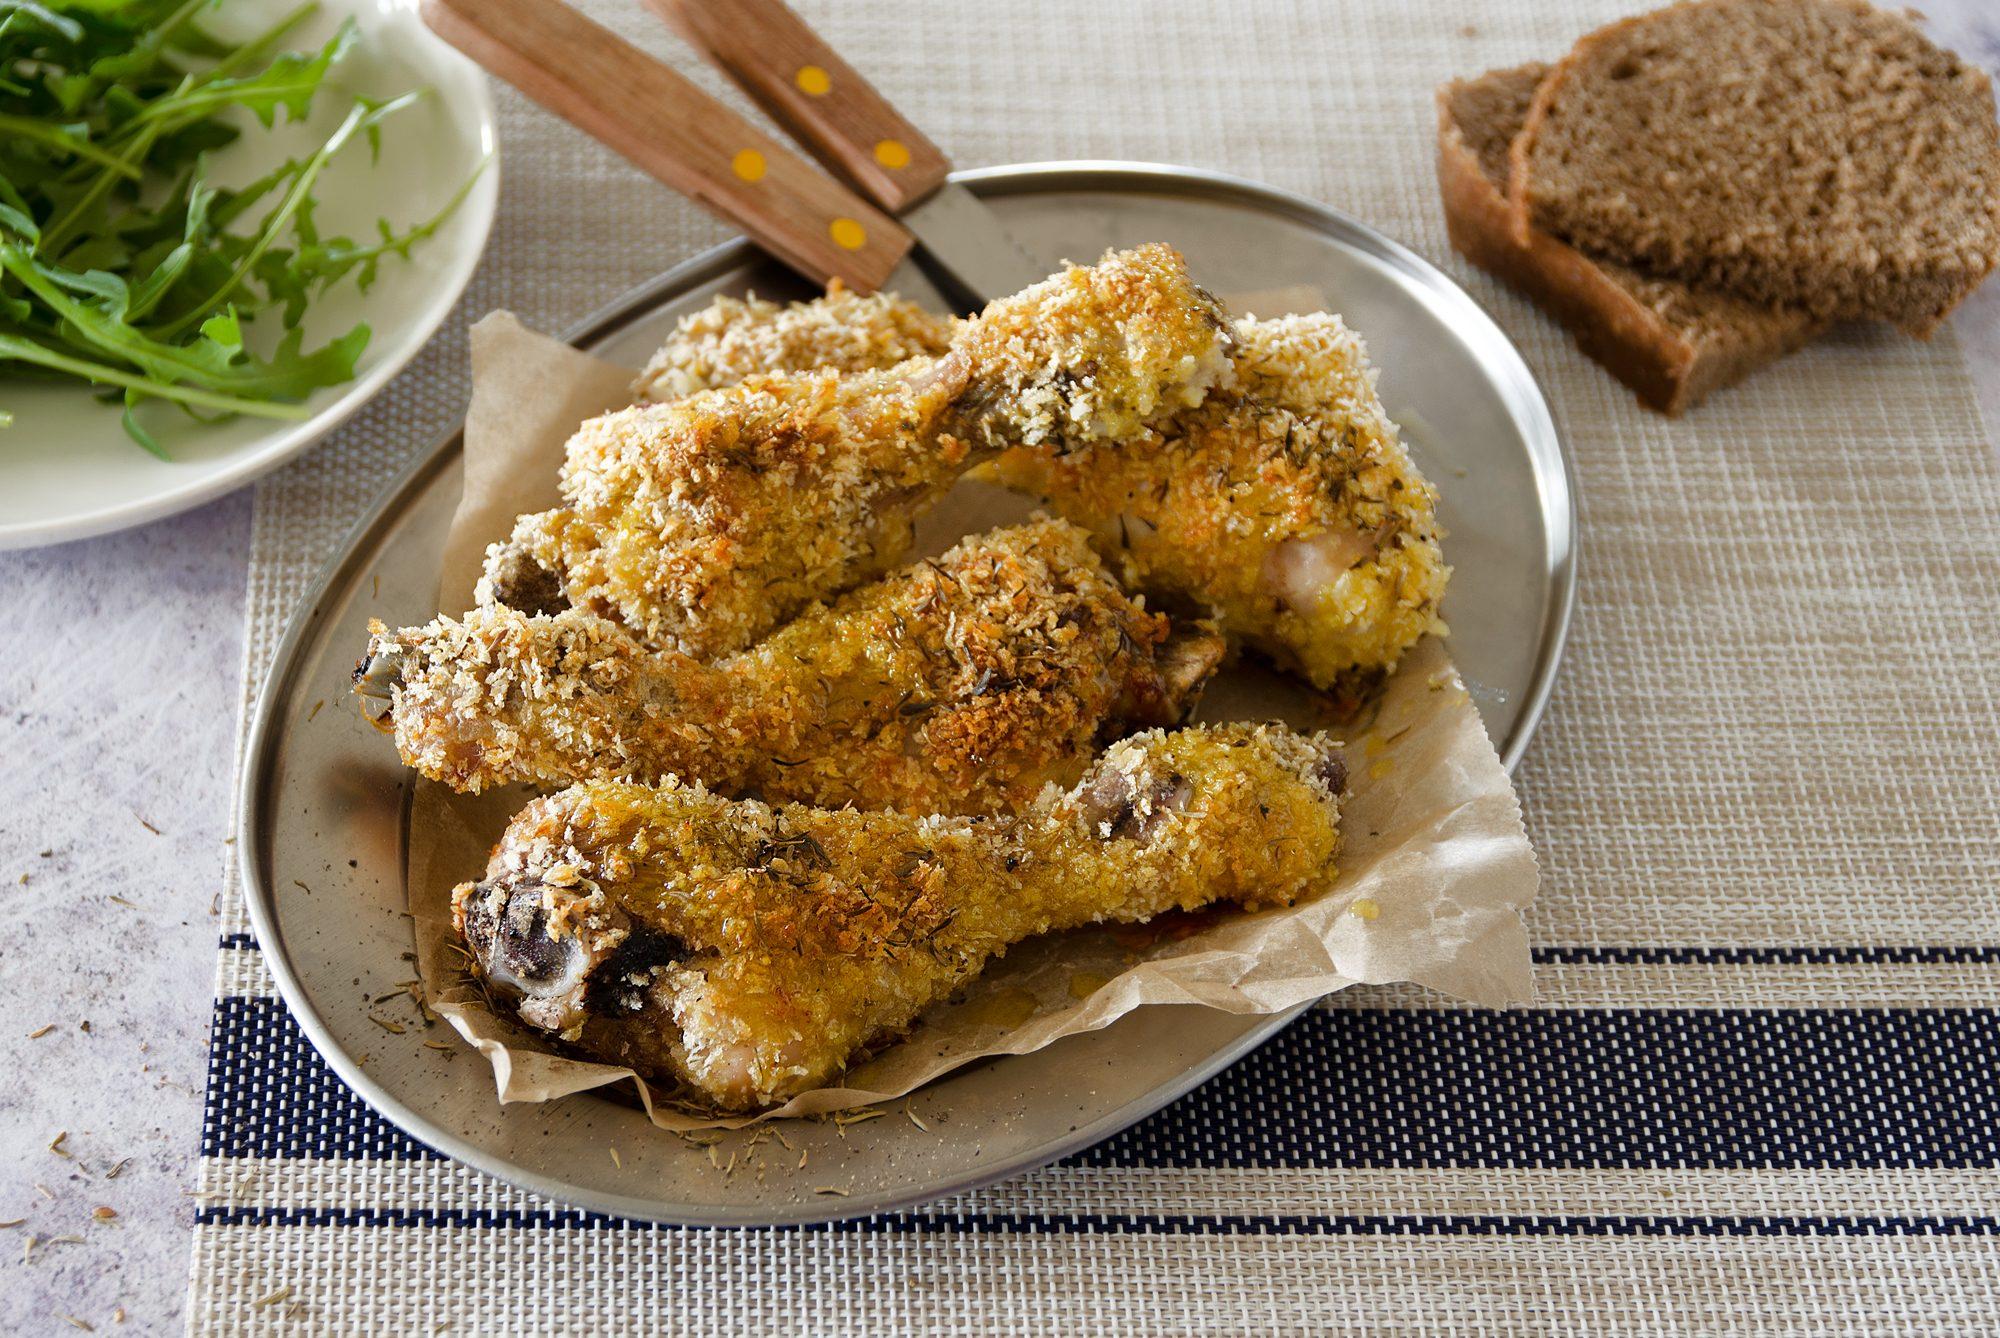 Cosce di pollo gratinate: la ricetta del secondo al forno veloce e appetitoso